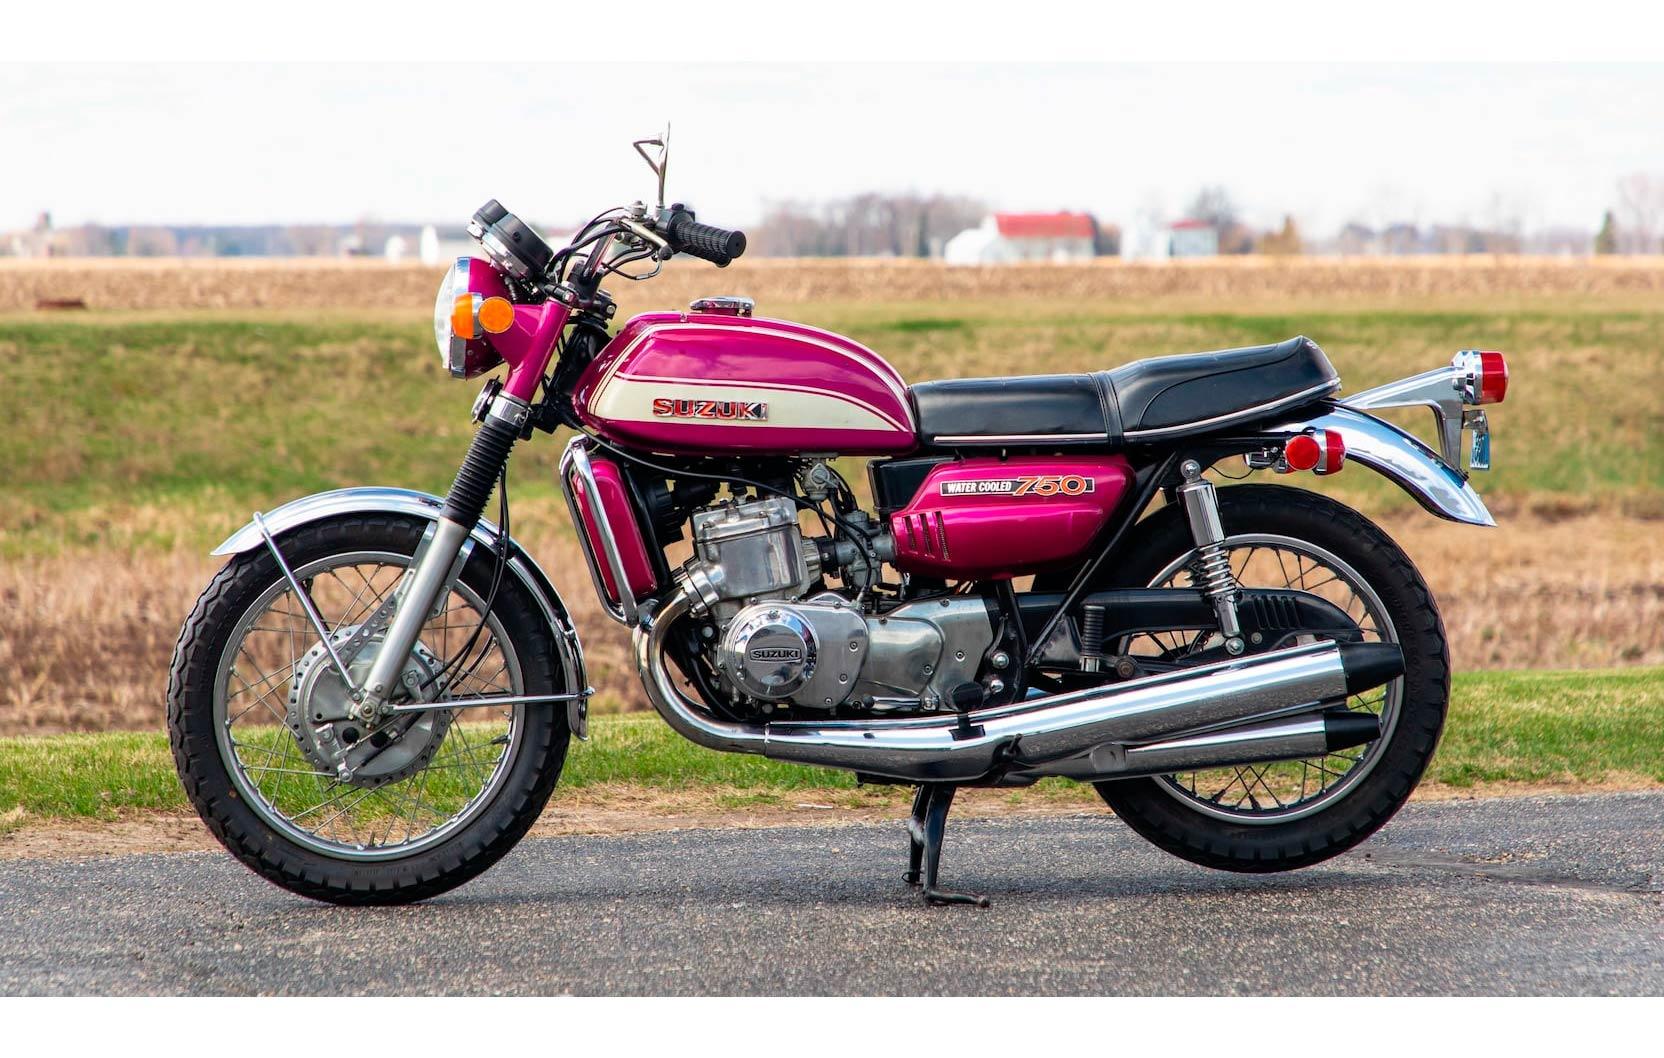 Suzuki-GT750-Motorcycle